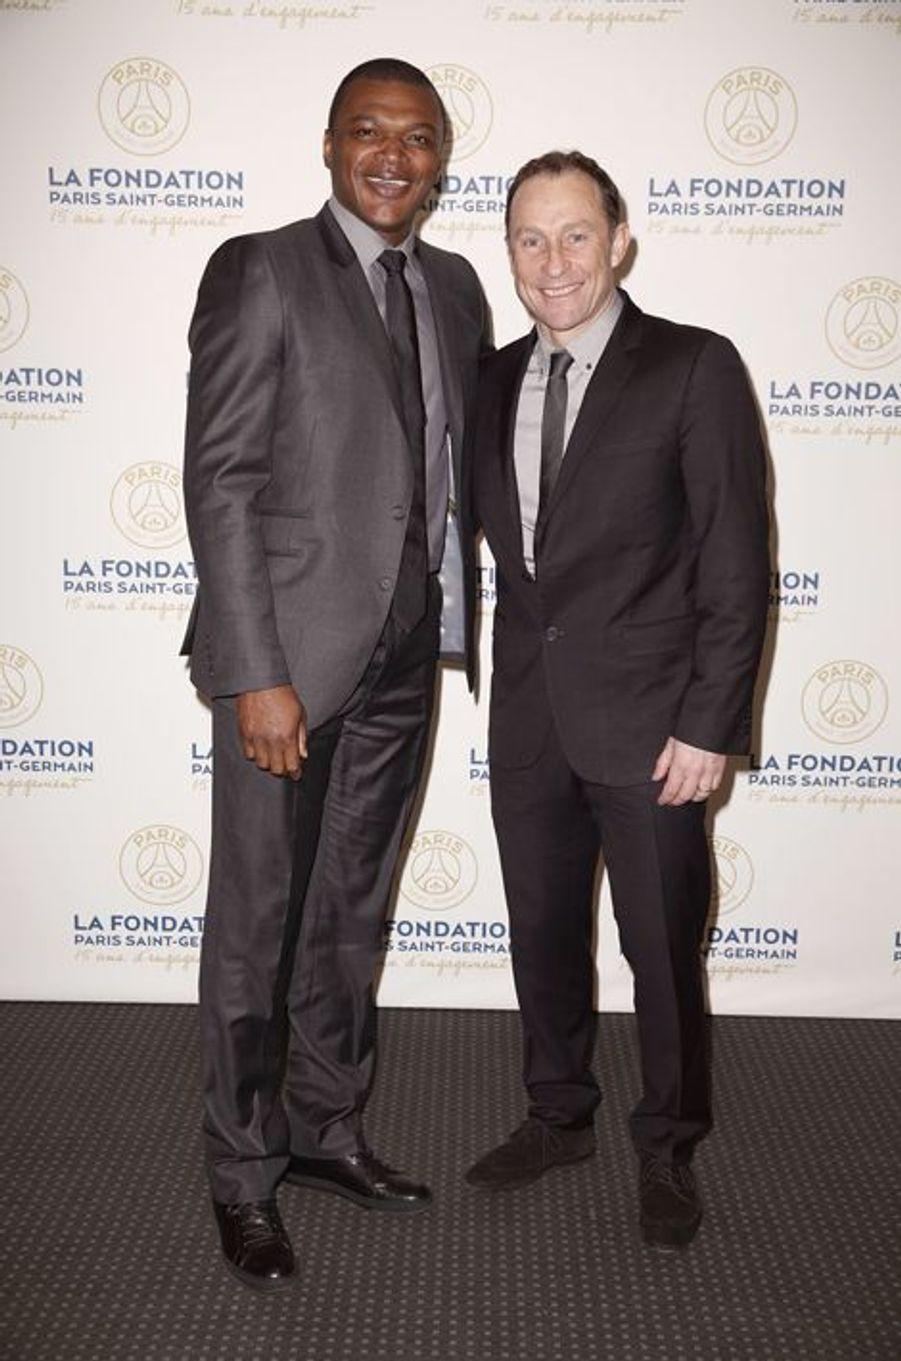 Marcel Dessailly et Jean-Pierre Papin au gala de la Fondation PSG